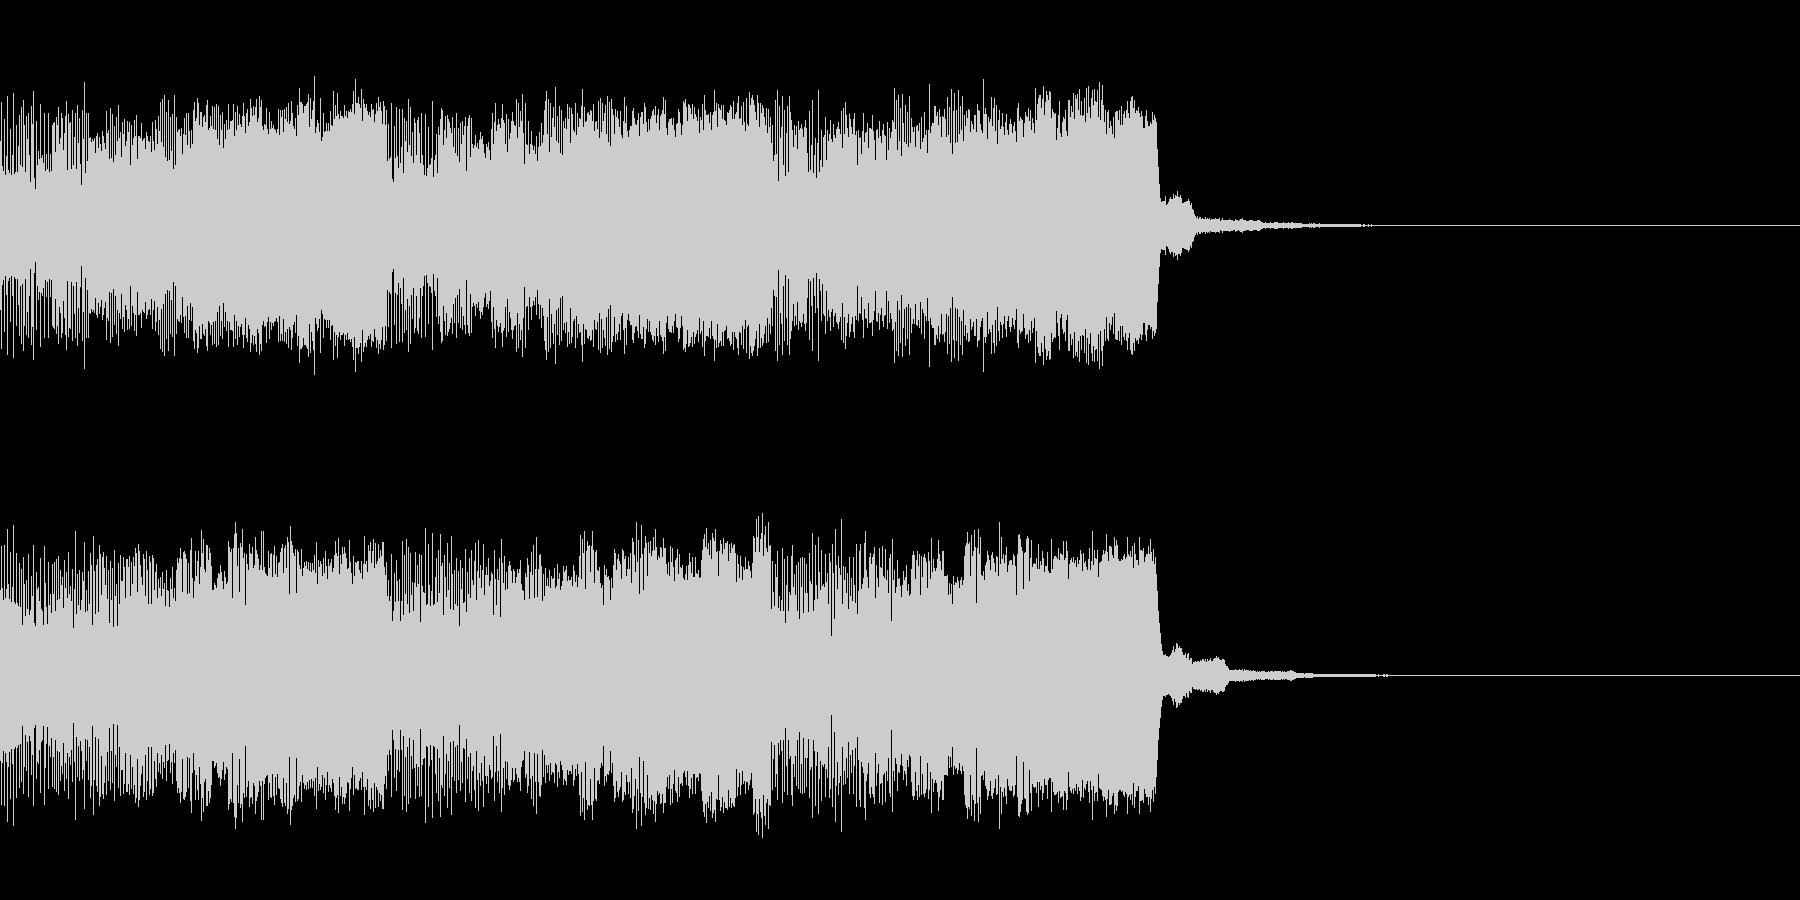 パチンコ的アイテム獲得音01C(電子音)の未再生の波形